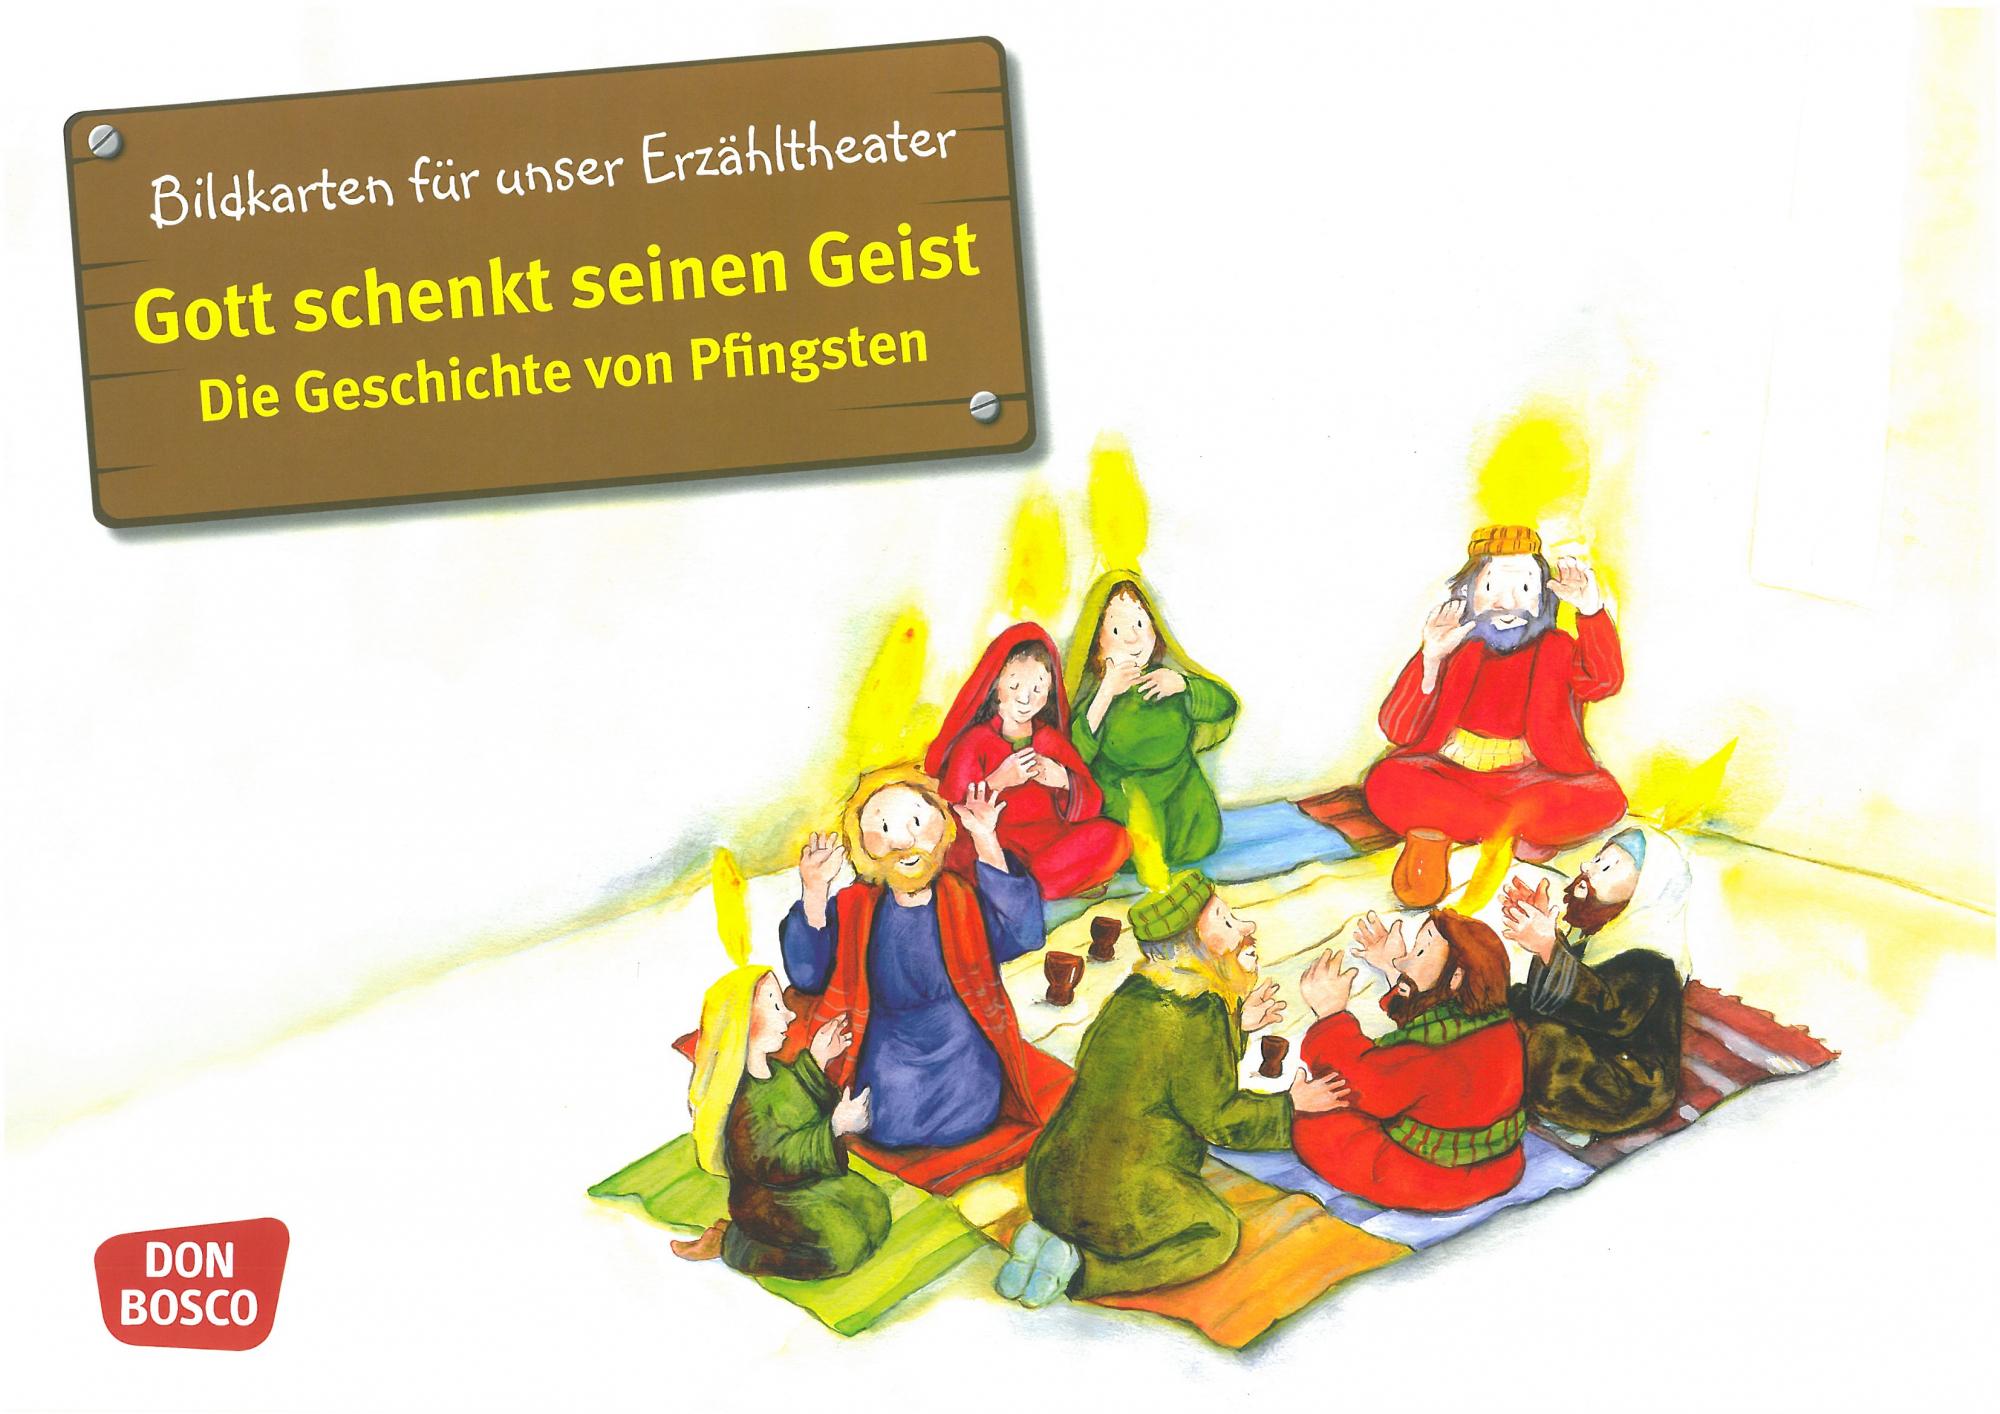 Gott-schenkt-seinen-Geist-Die-Geschichte-von-Pfingsten-1